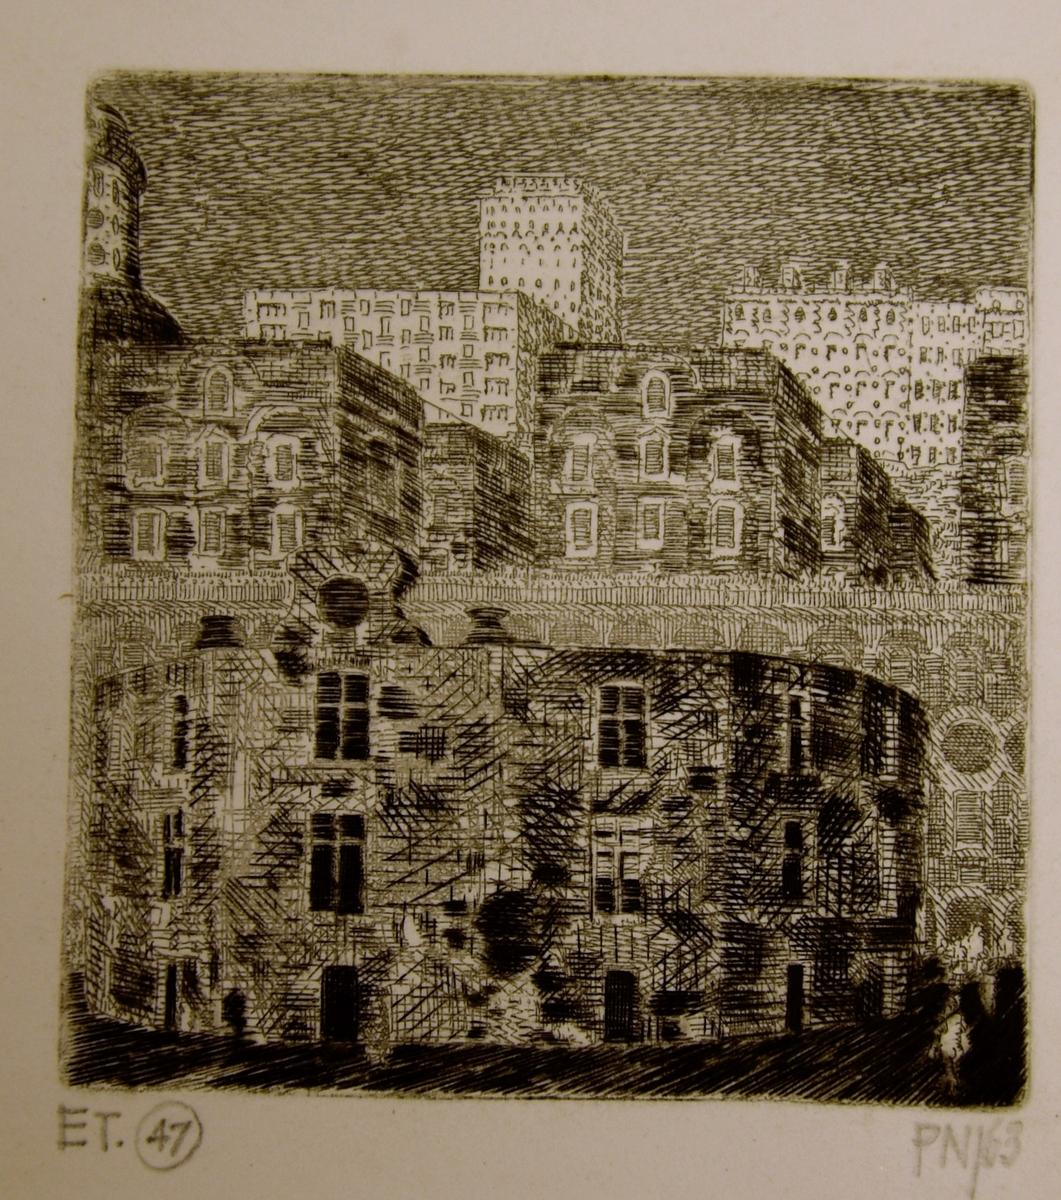 Stadsmotiv med byggnader i den övre delen av bilden. I den undre delen av bilden speglas byggnaderna mot vattenytan.